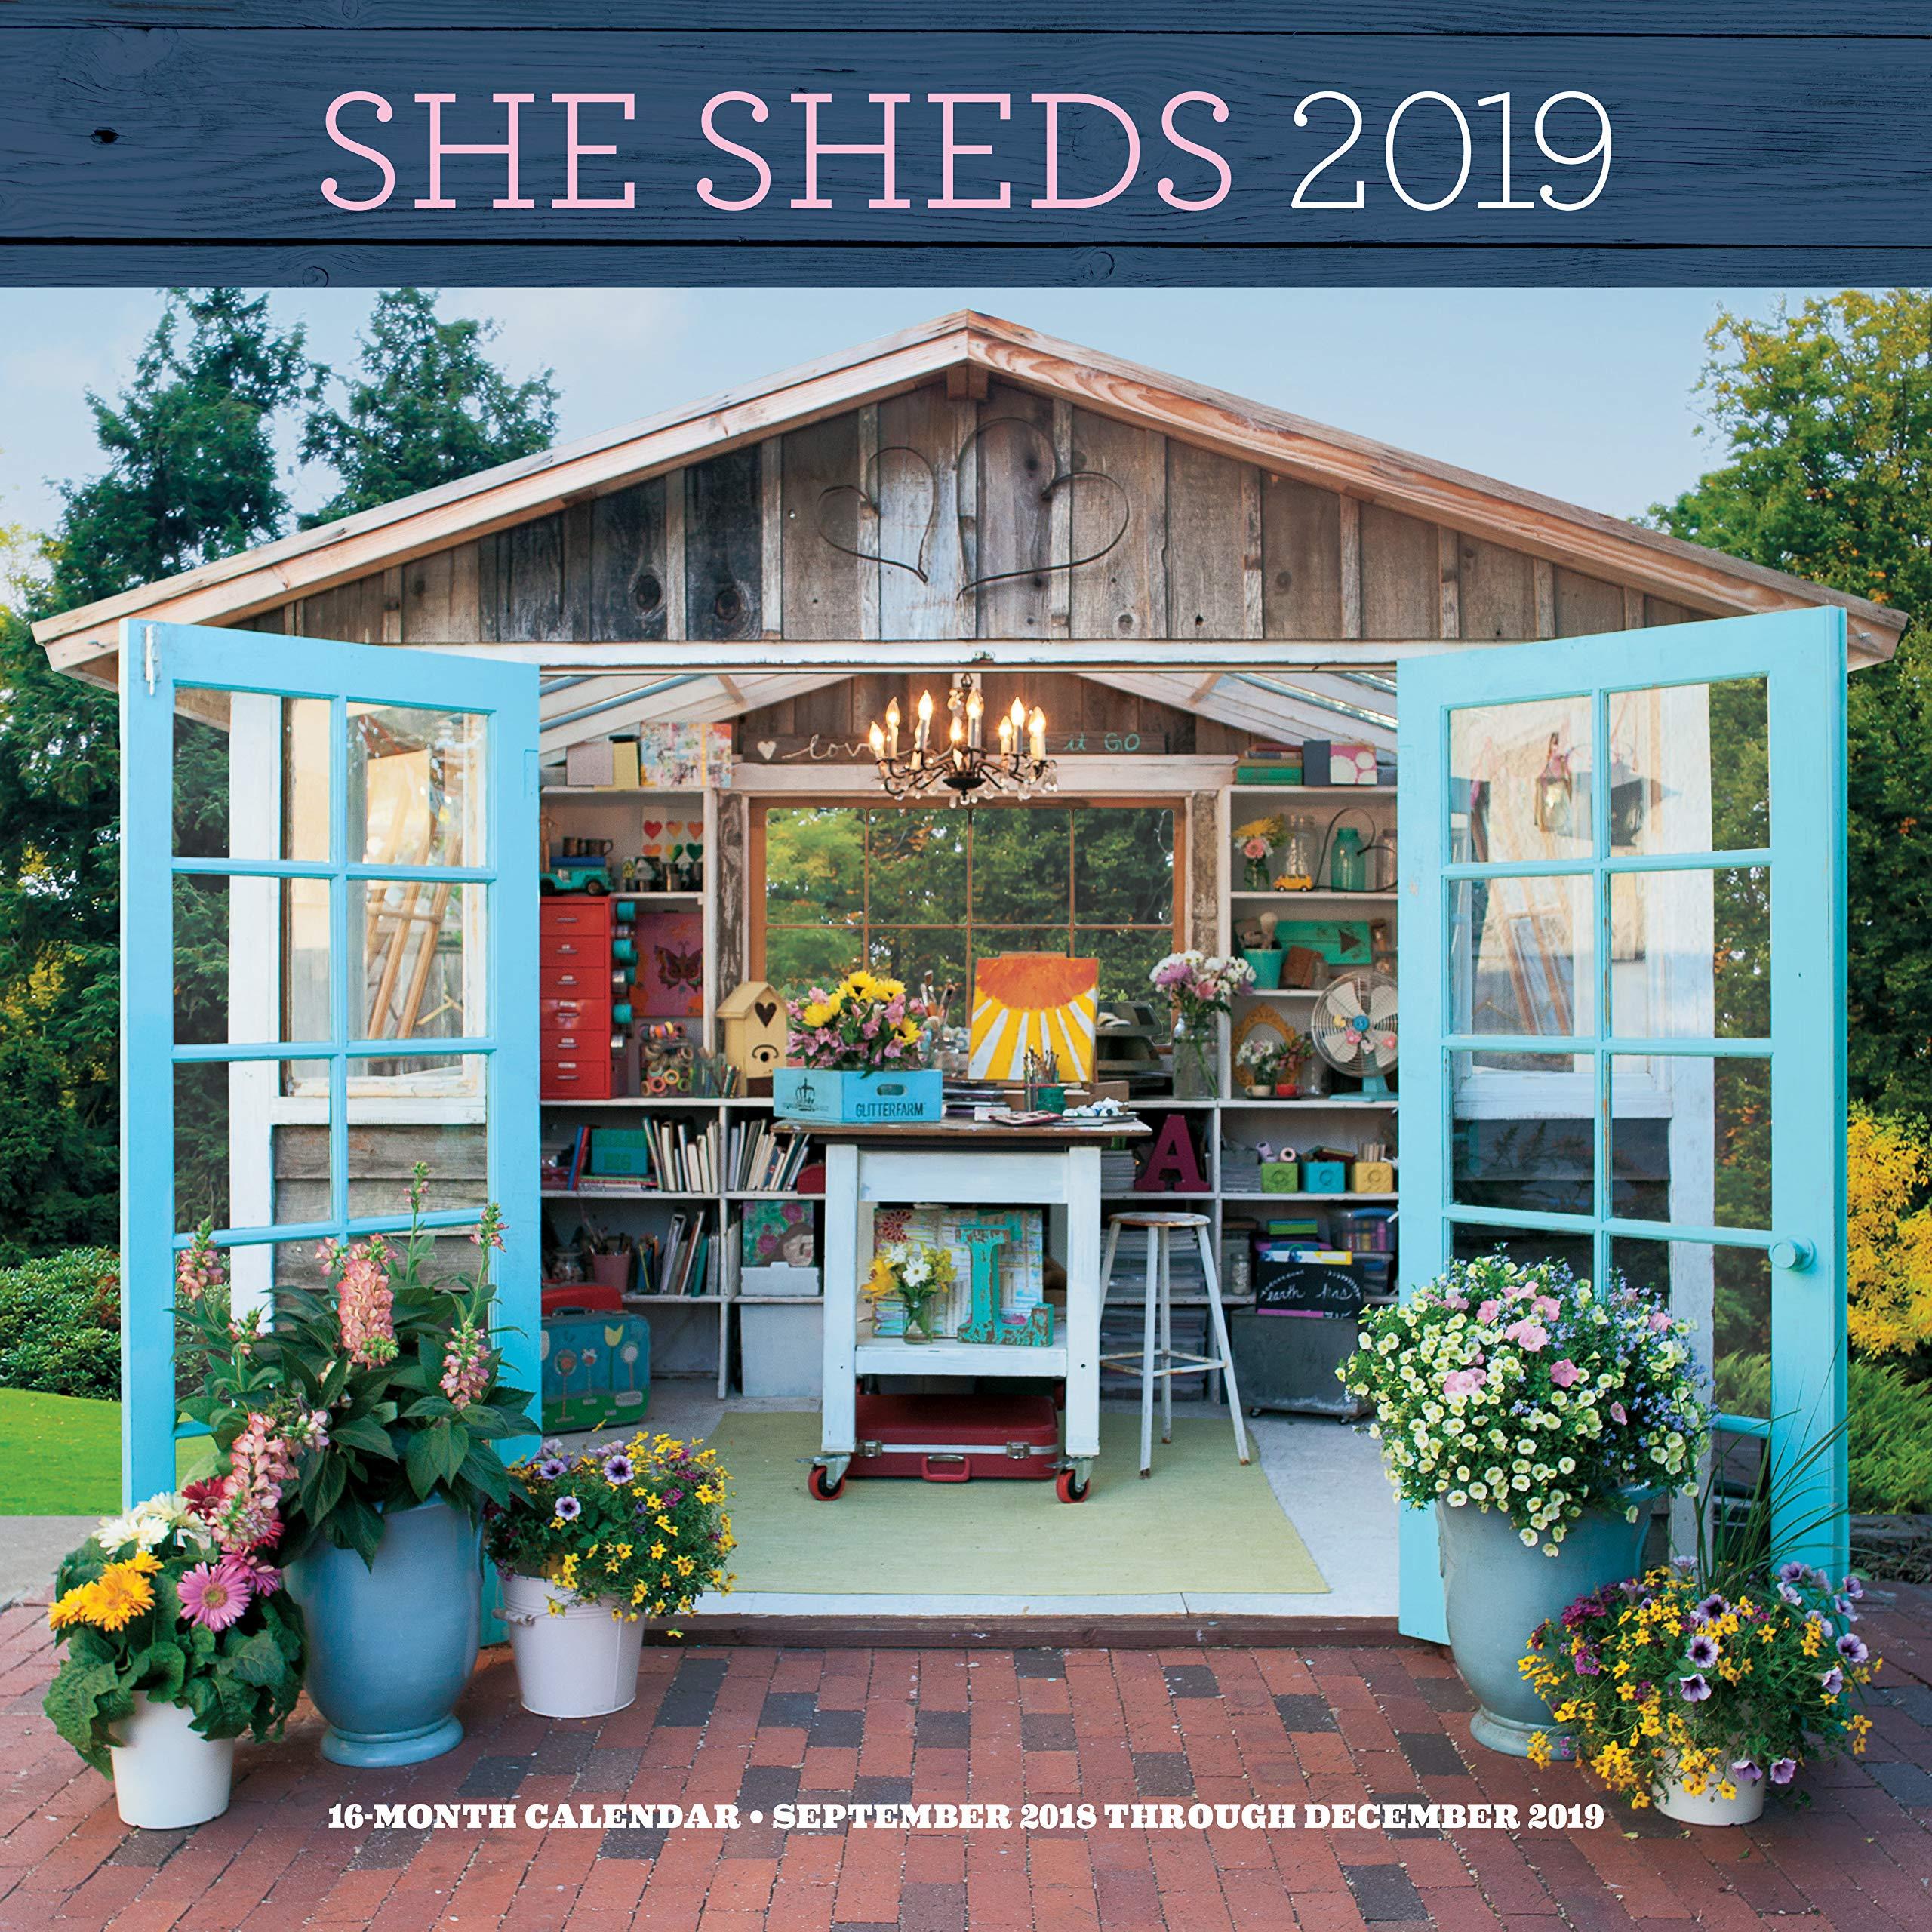 She Sheds 2019 16 Month Calendar September 2018 Through December 2019 Kotite Erika 9781631065255 Amazon Com Books